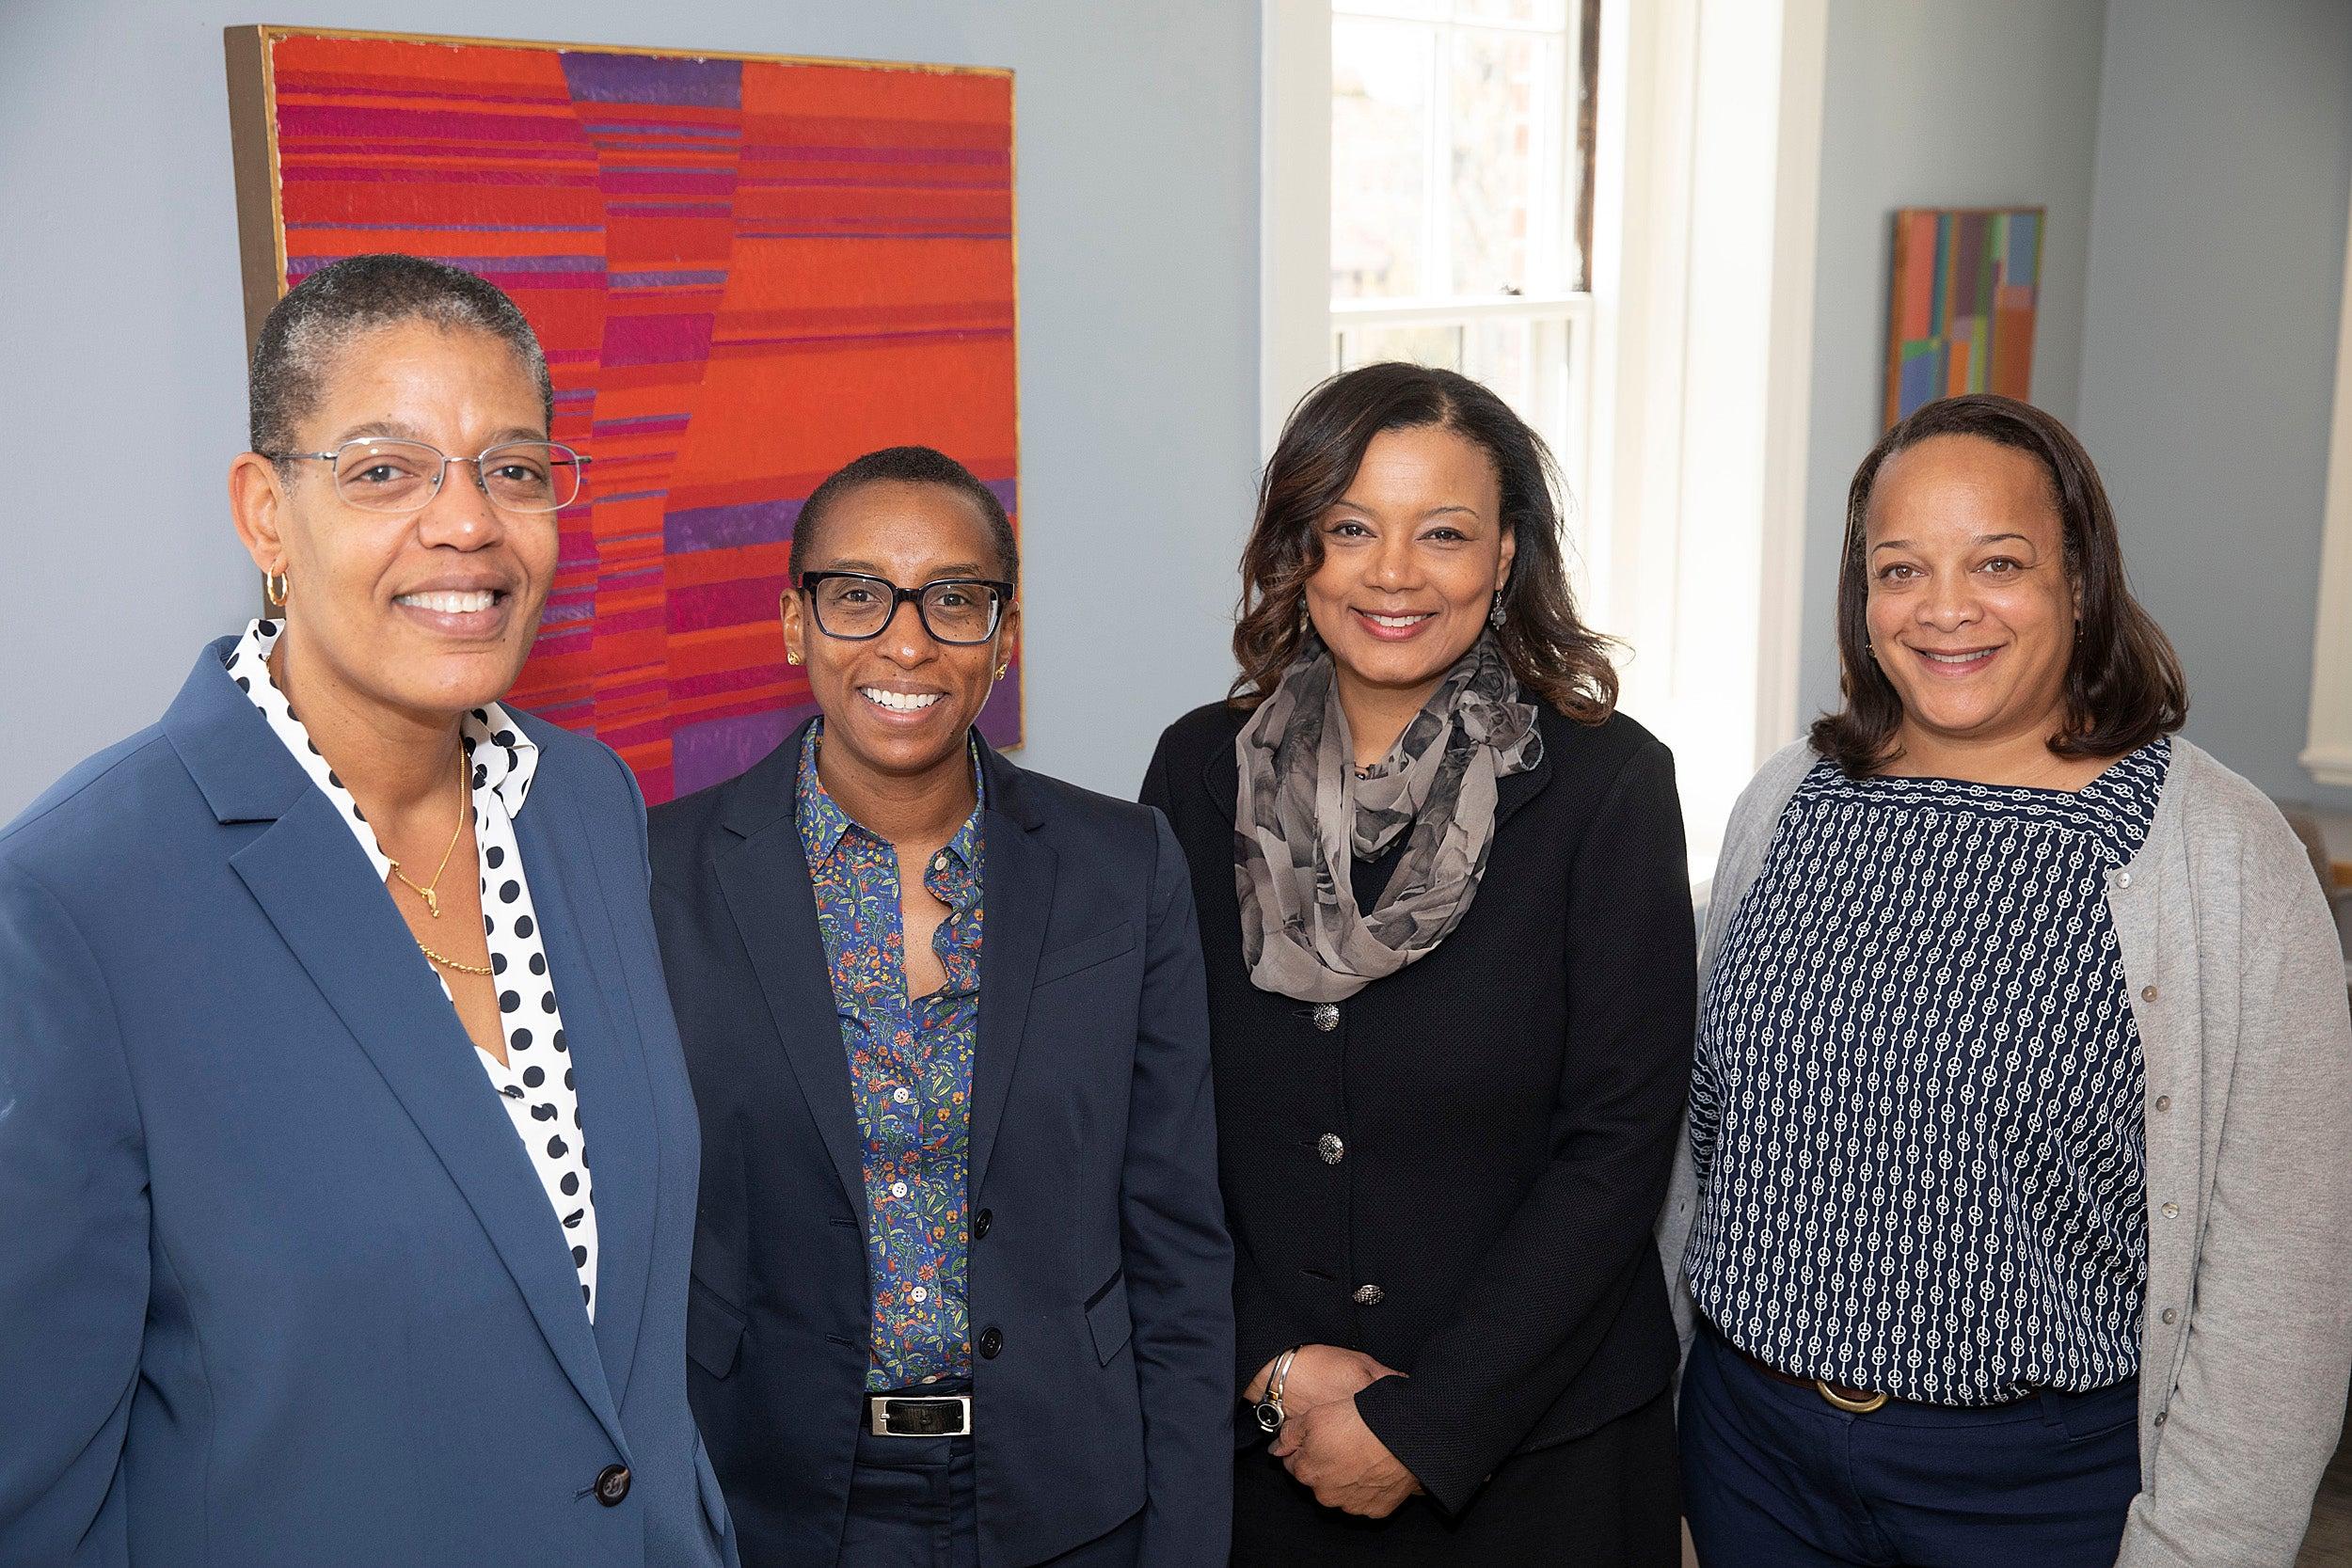 Four Harvard deans